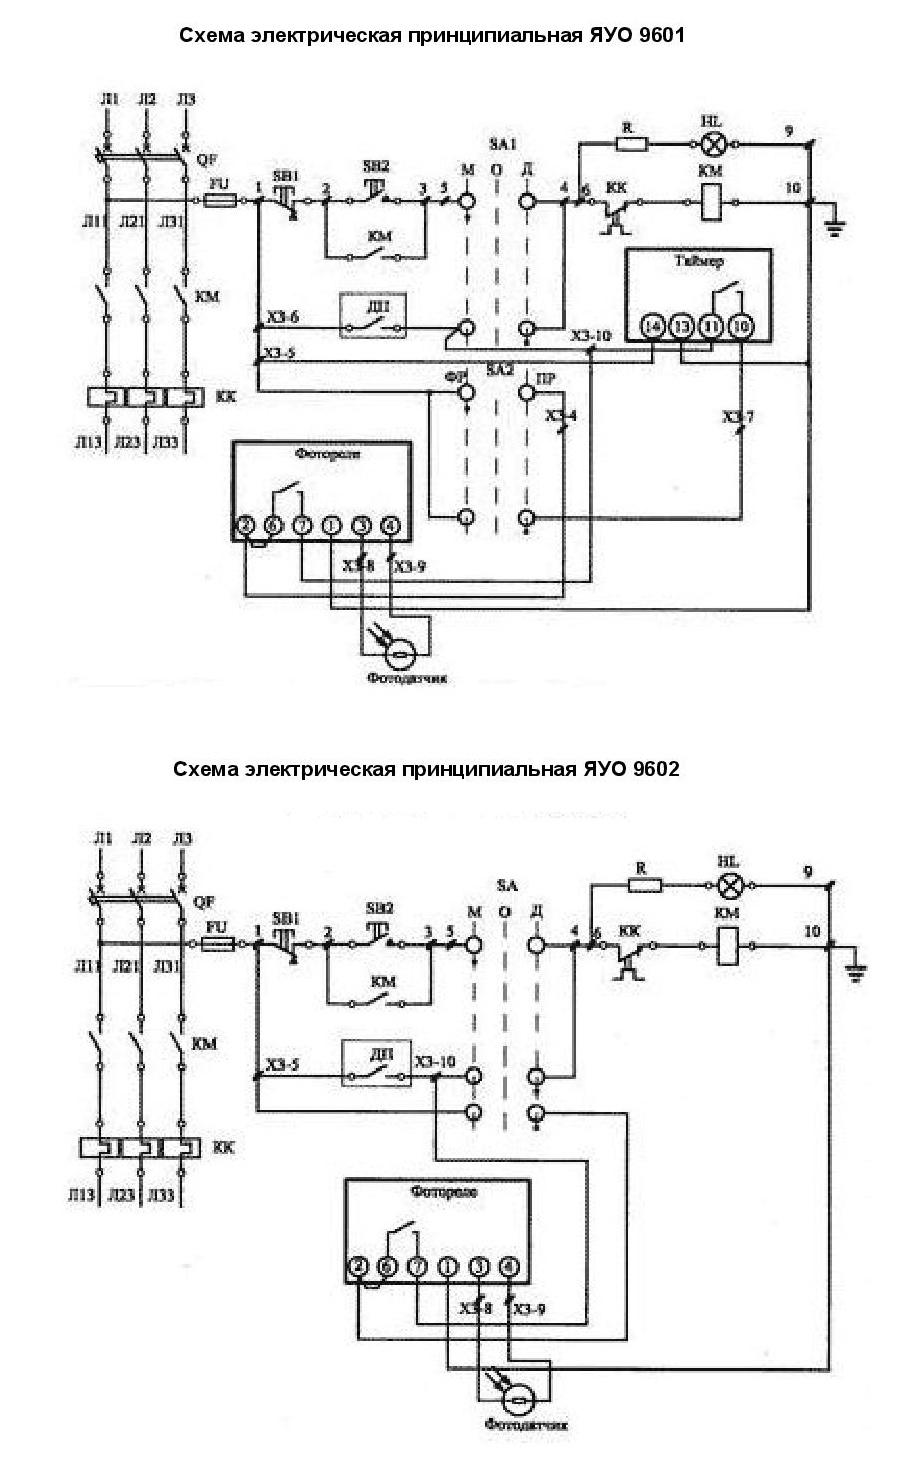 схема управления освещением фотодатчиком